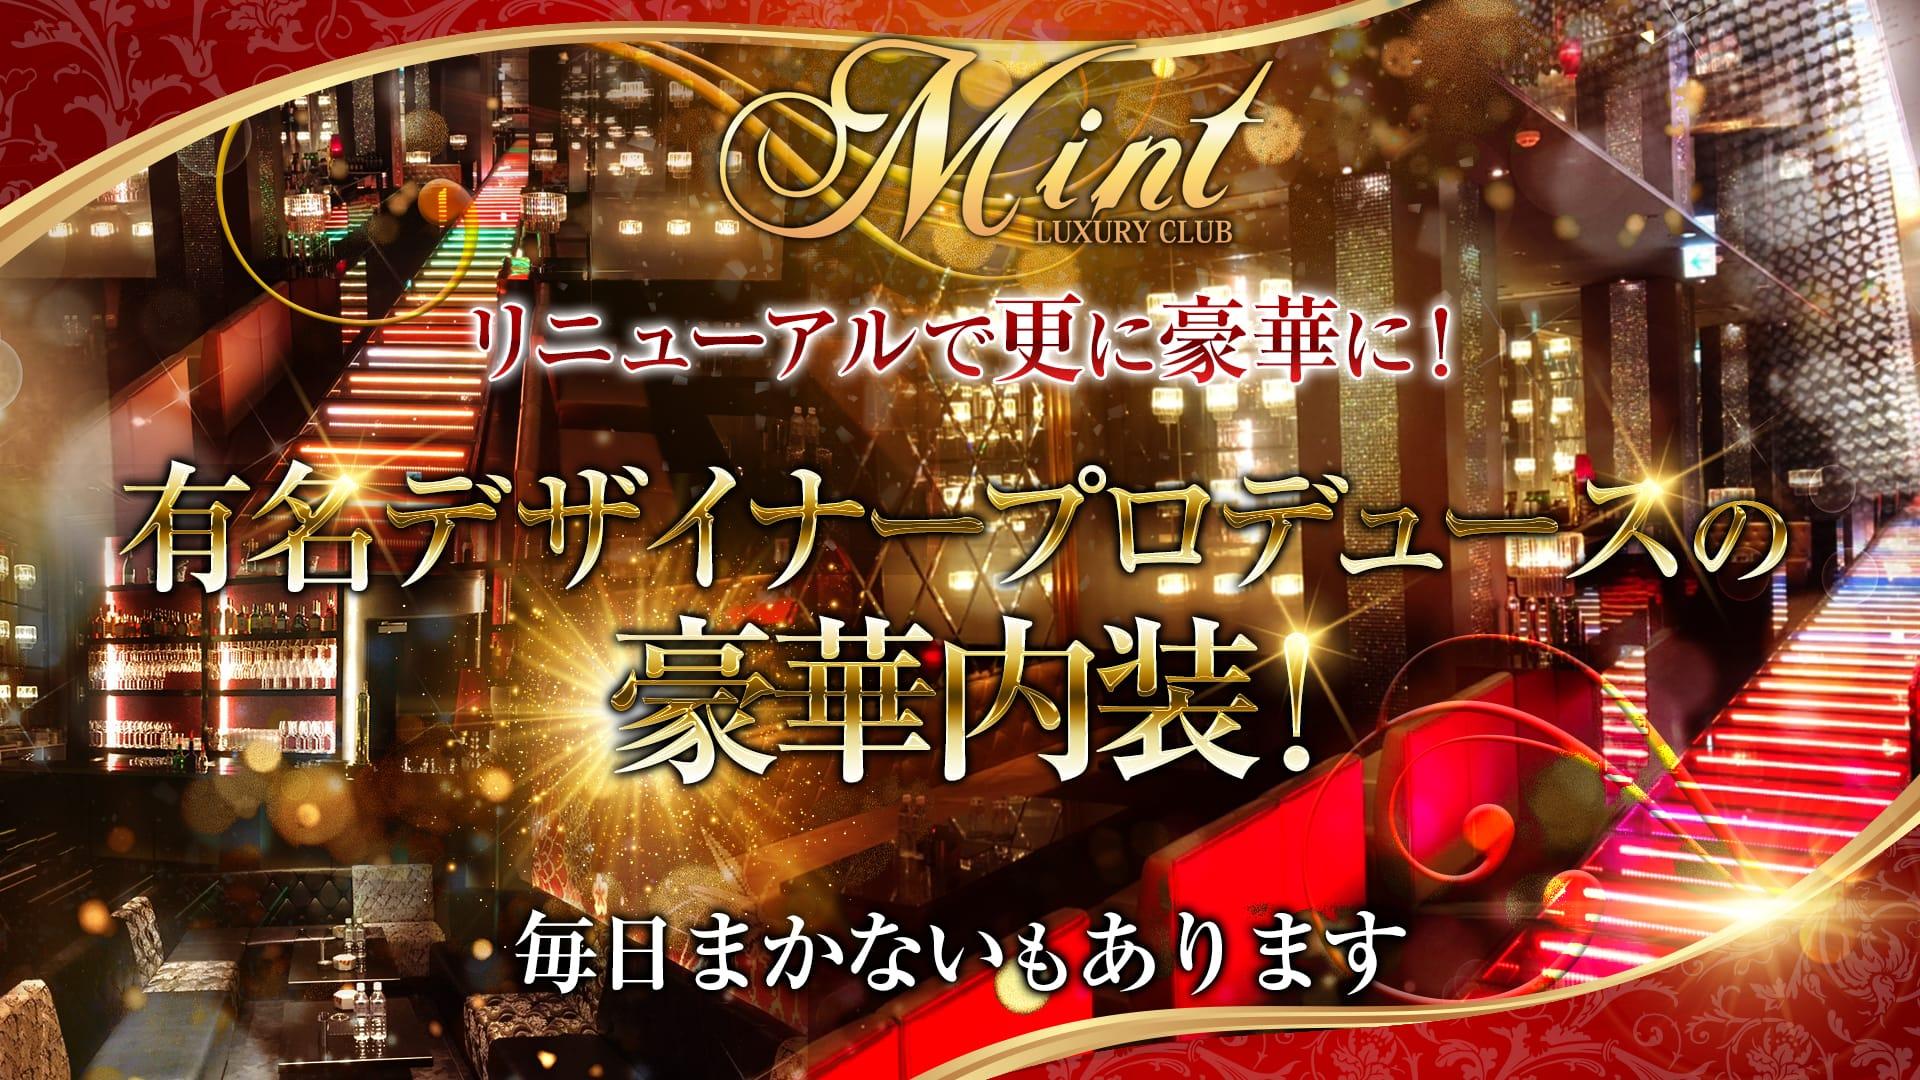 【上野】LUXURY CLUB MINT(ミント) 上野クラブ TOP画像